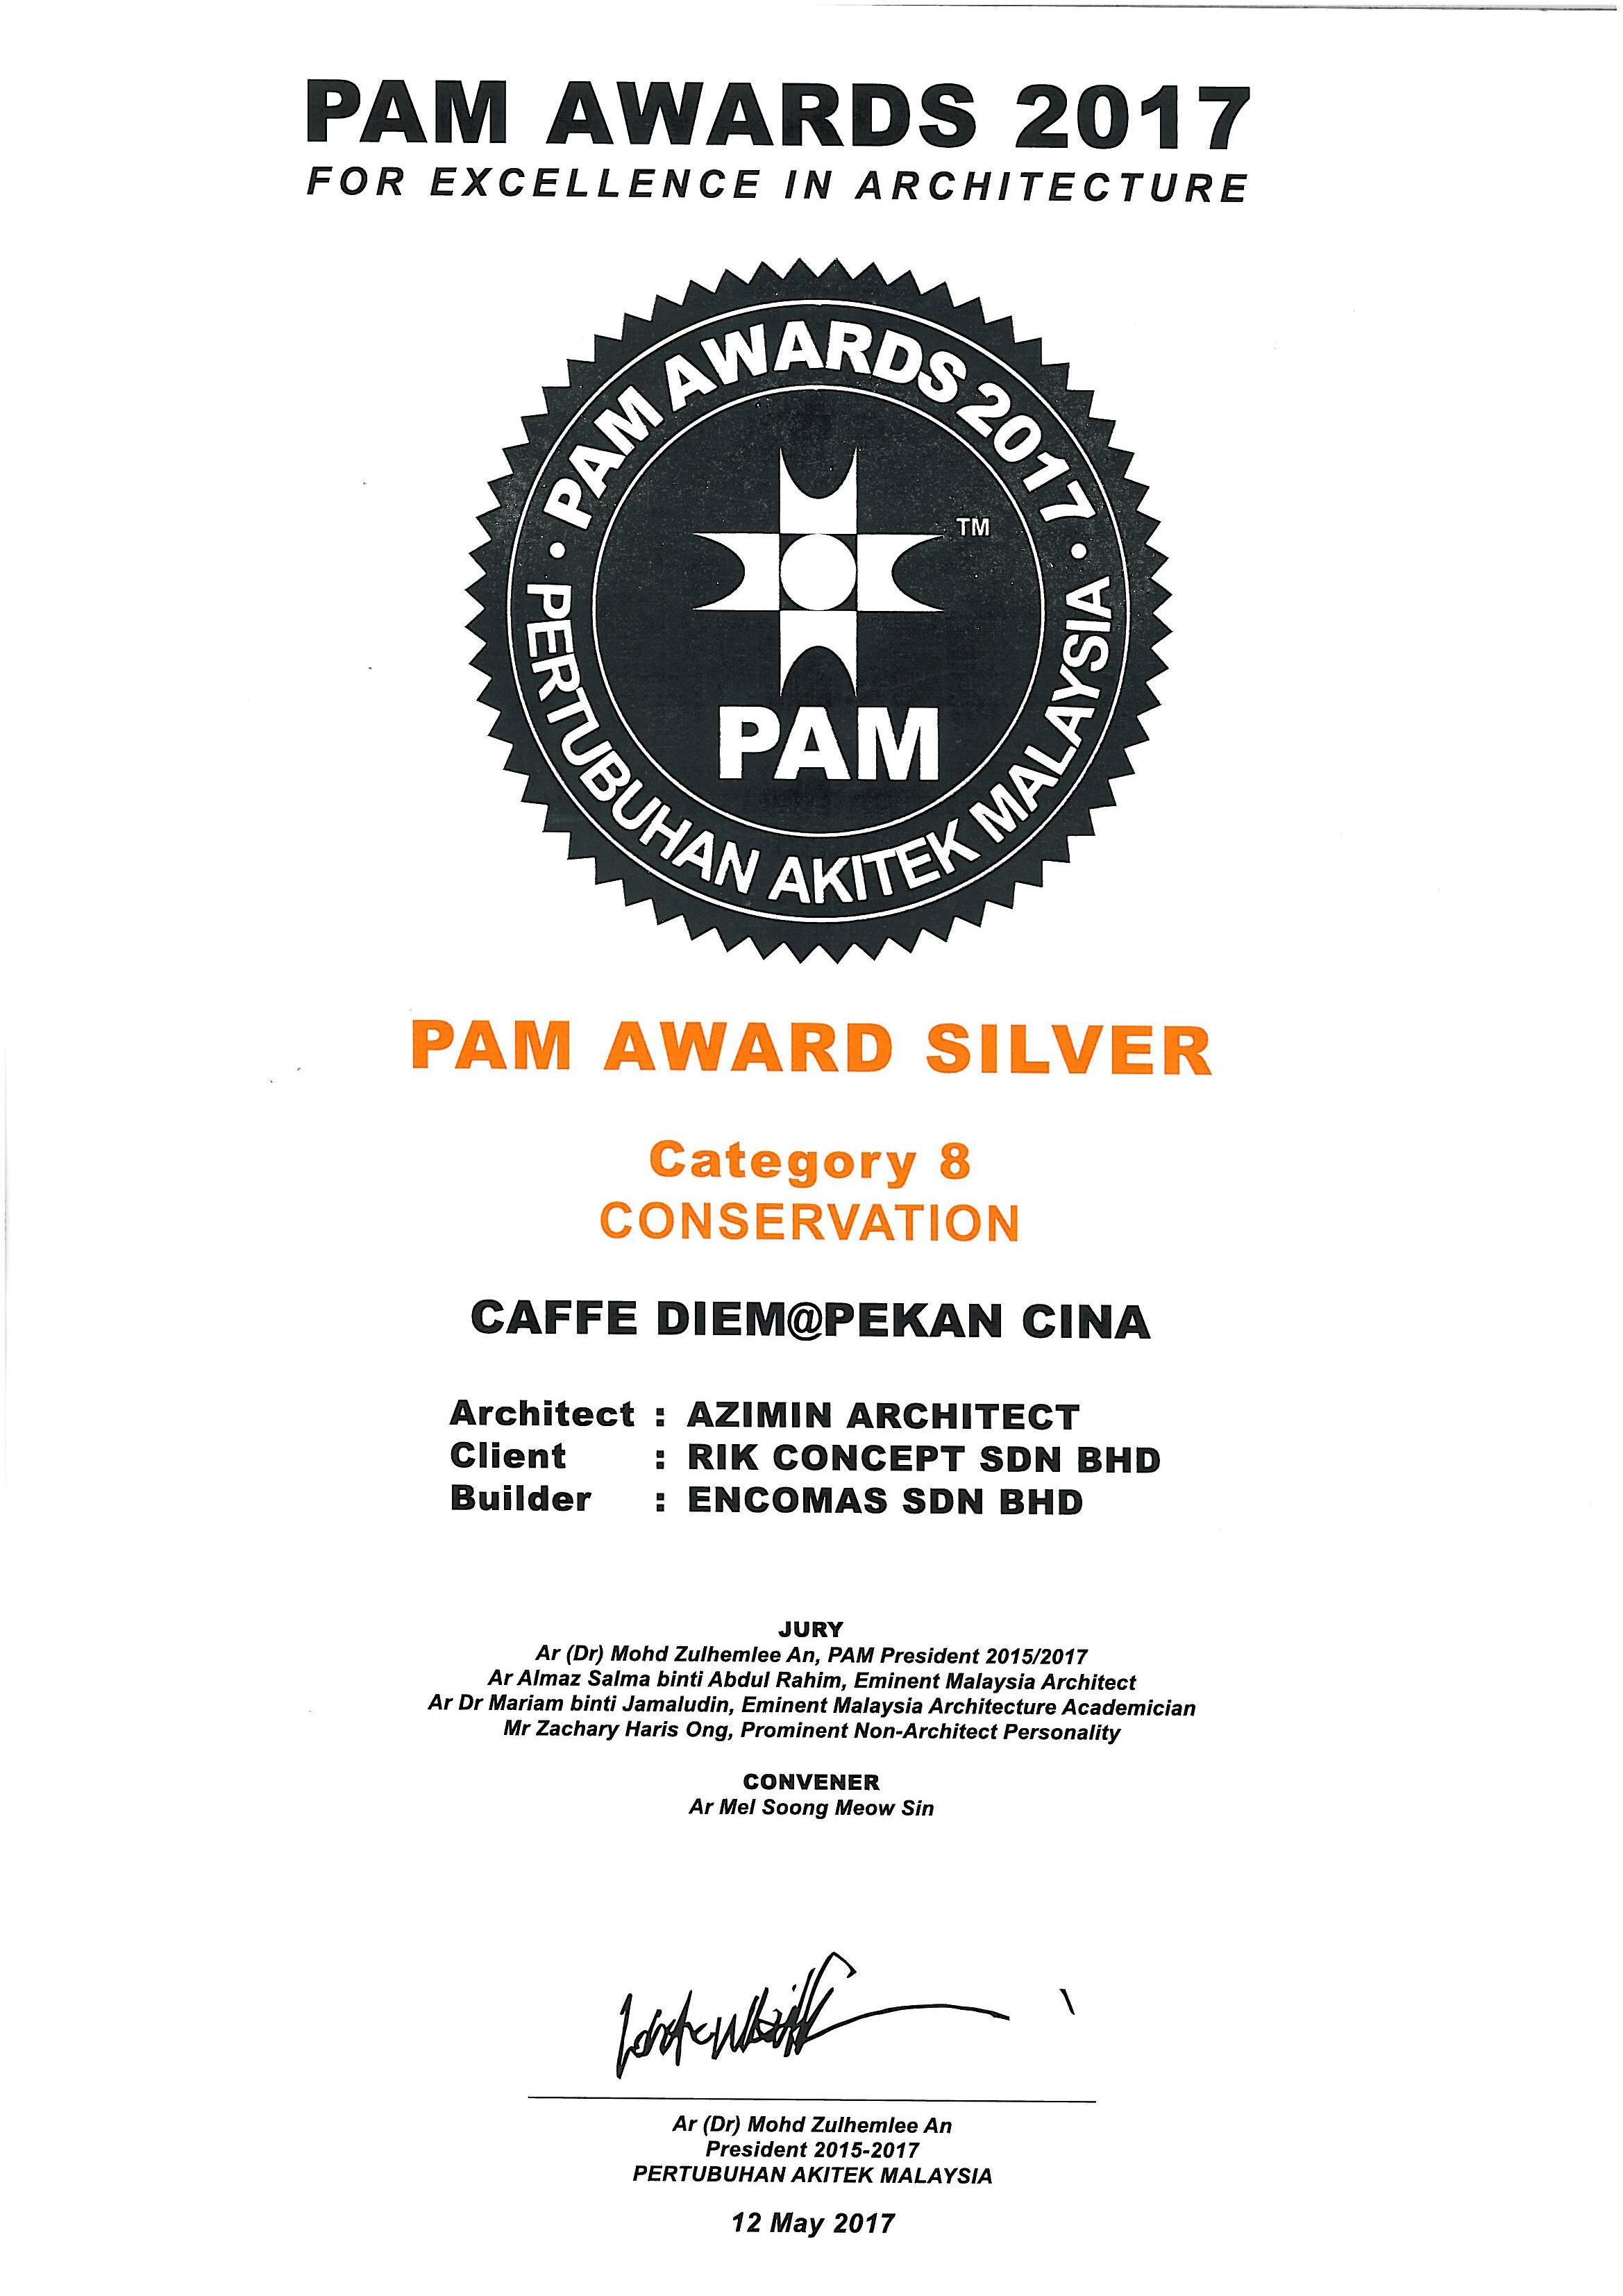 Interior design award 2017 - Pam Award 2017 Caffe Diem